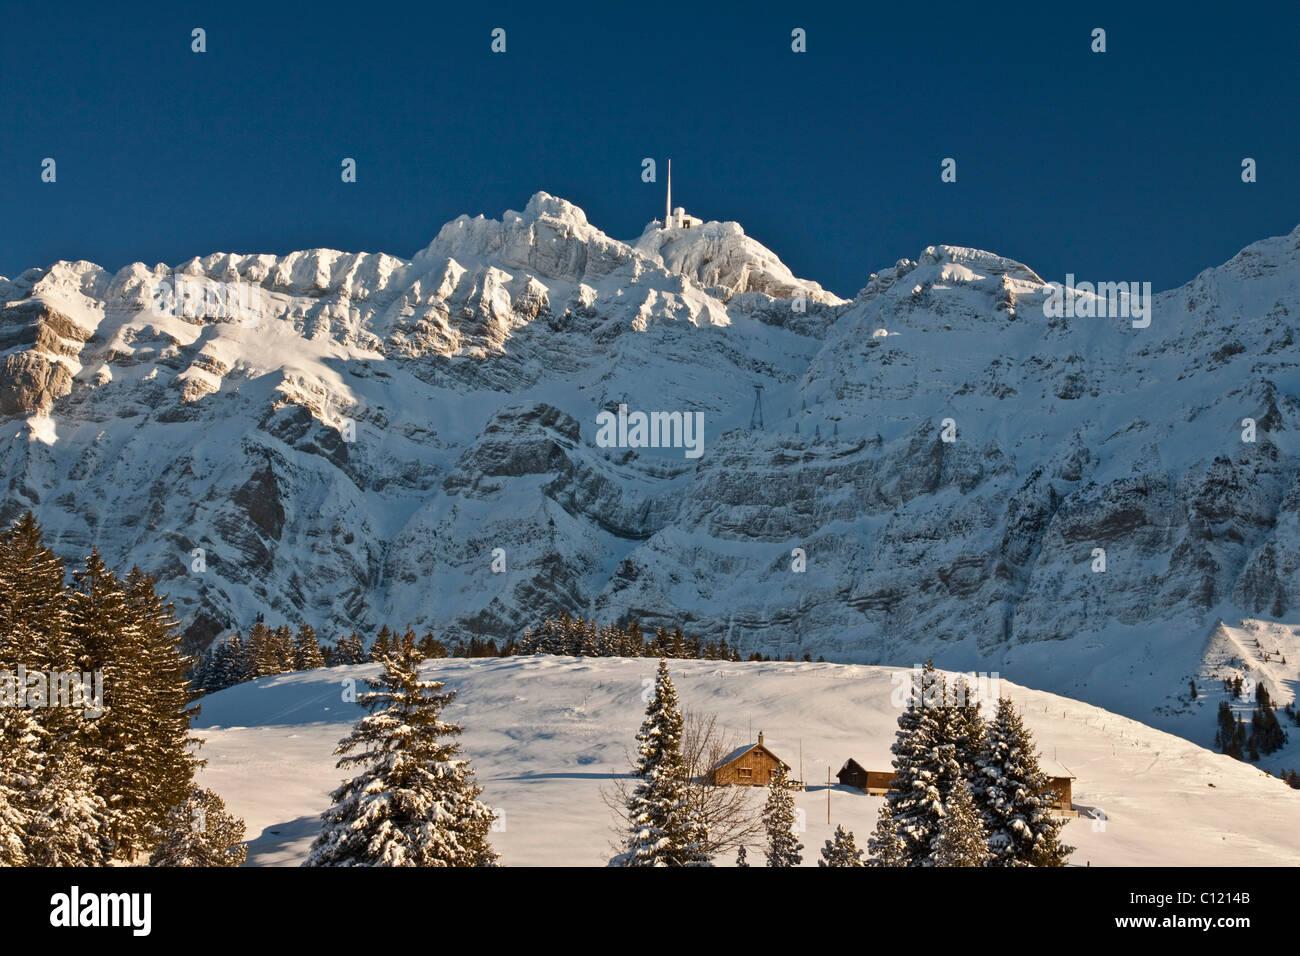 Säntis-Berg mit Bergstation im Winter mit Alp Grosswald, Alpsteingebirge Berge, Kanton von Appenzell Ausserrhoden Stockbild